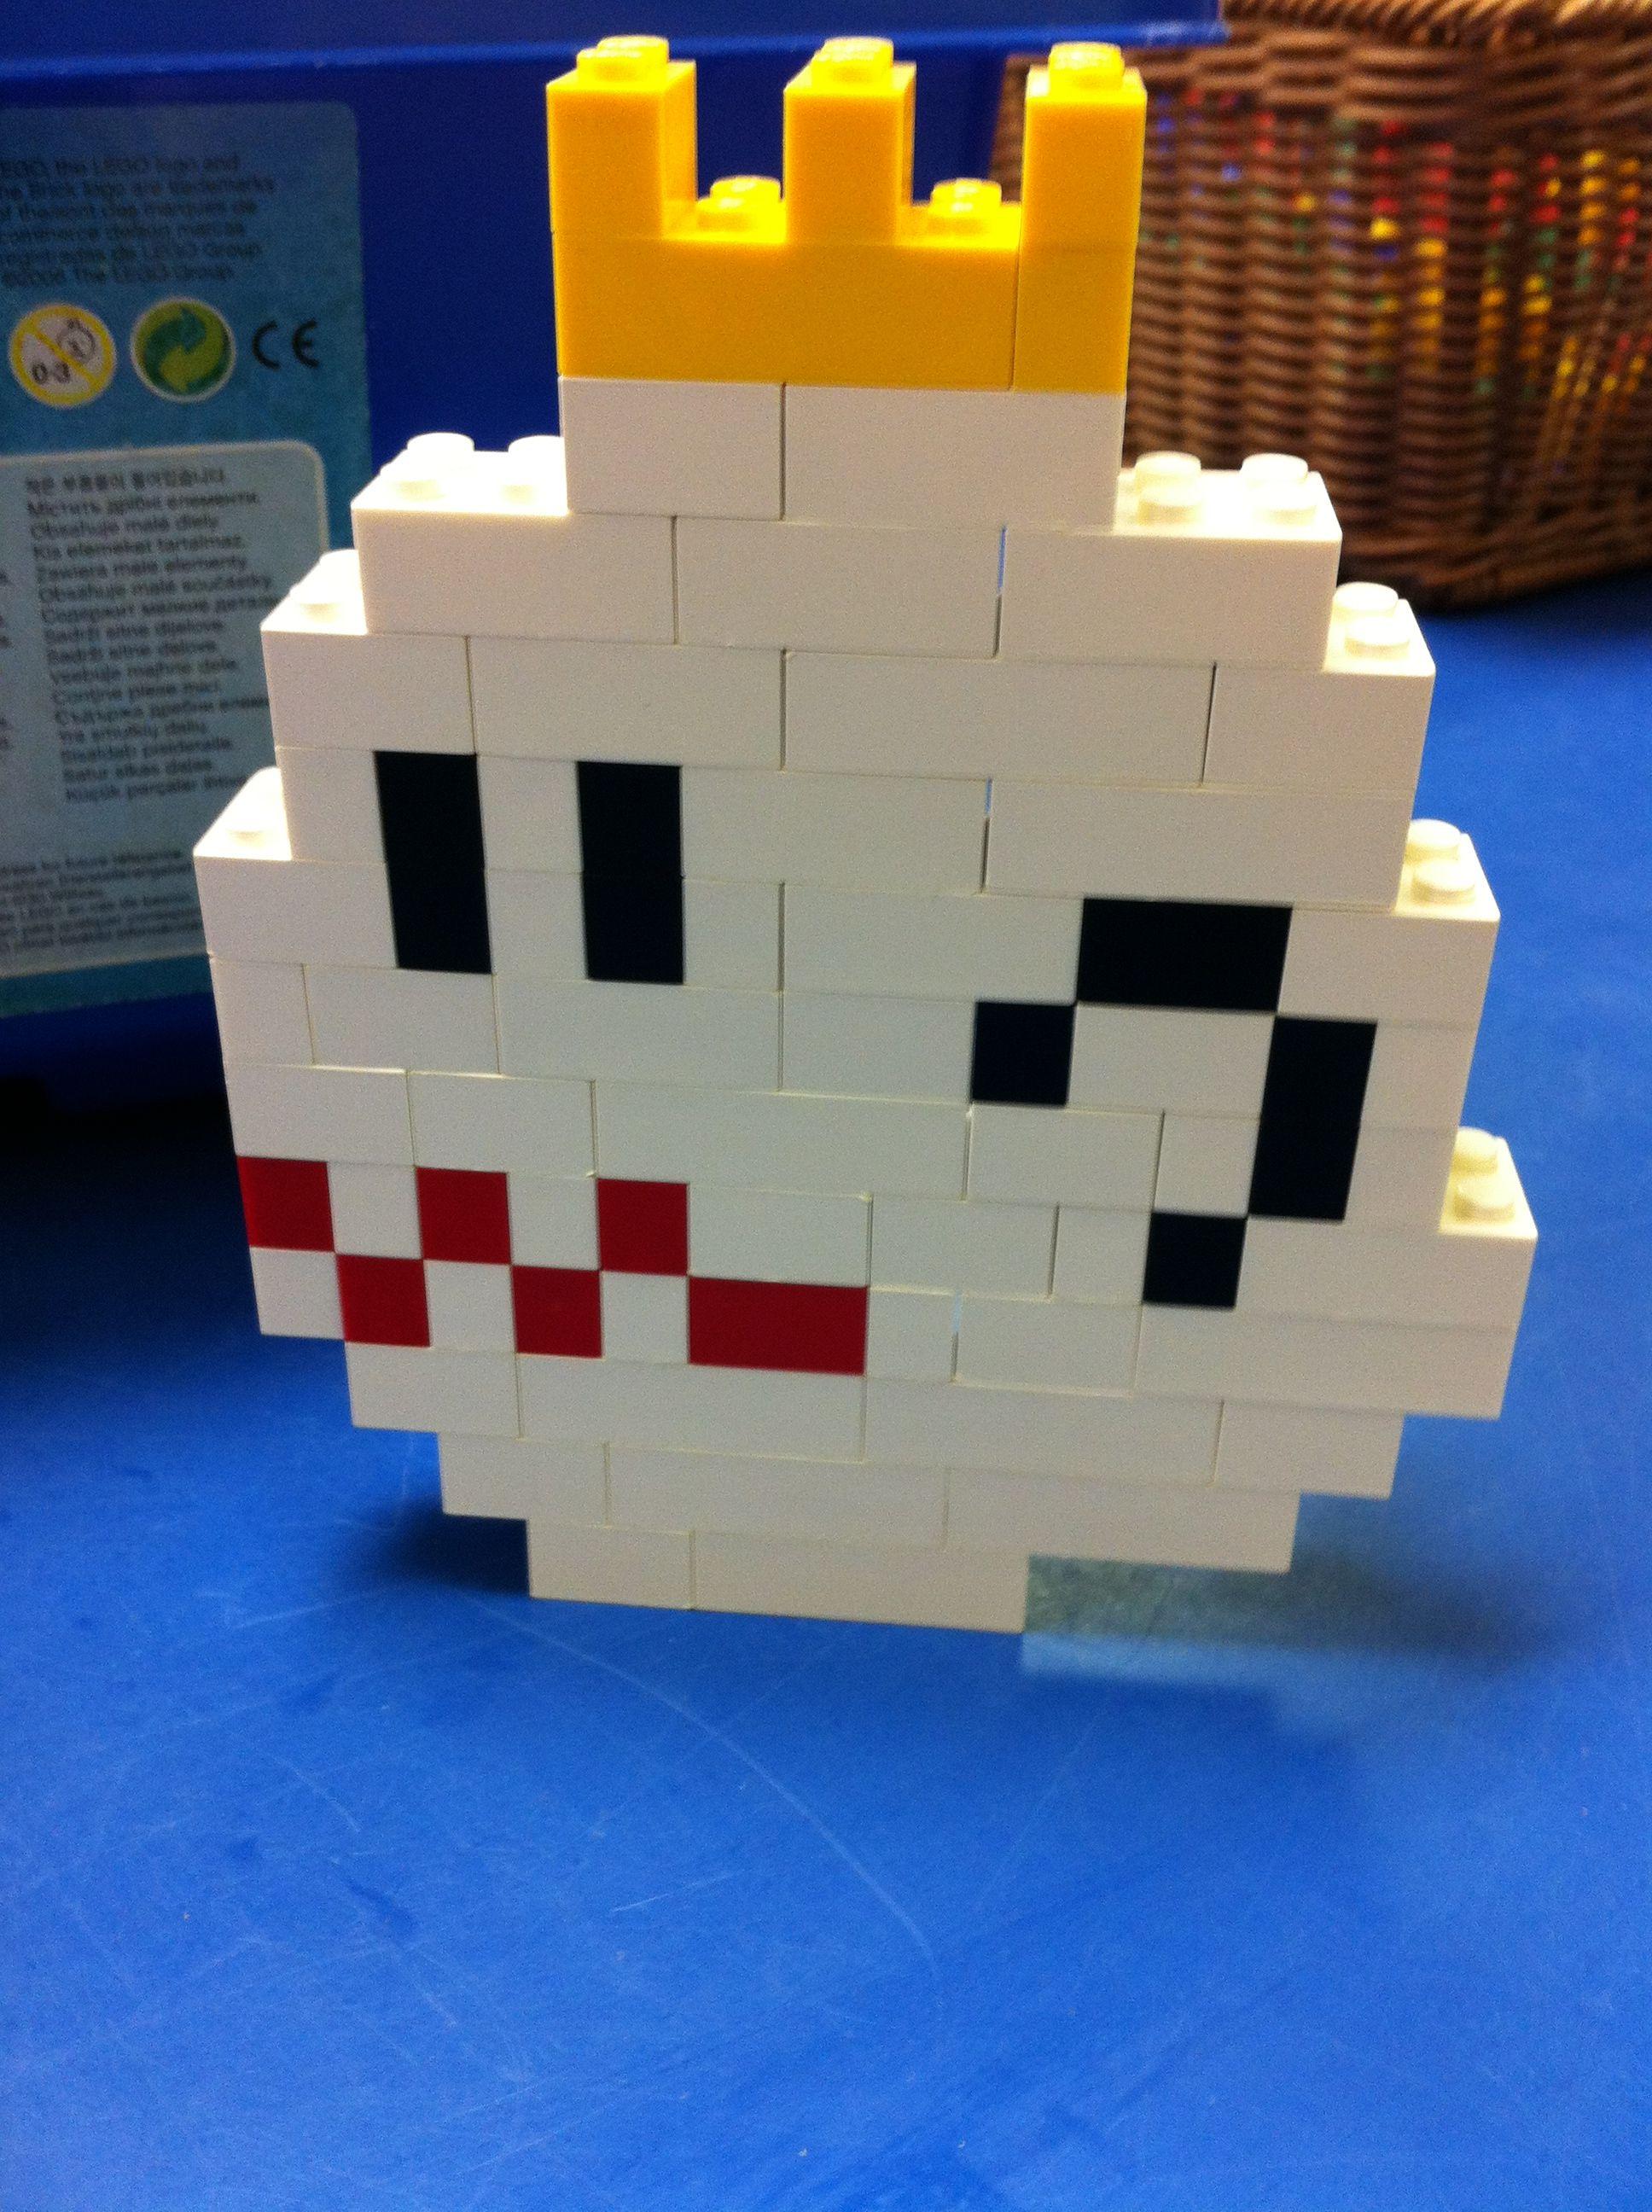 King boo super Mario Nintendo Lego | Lego | Lego mario ...